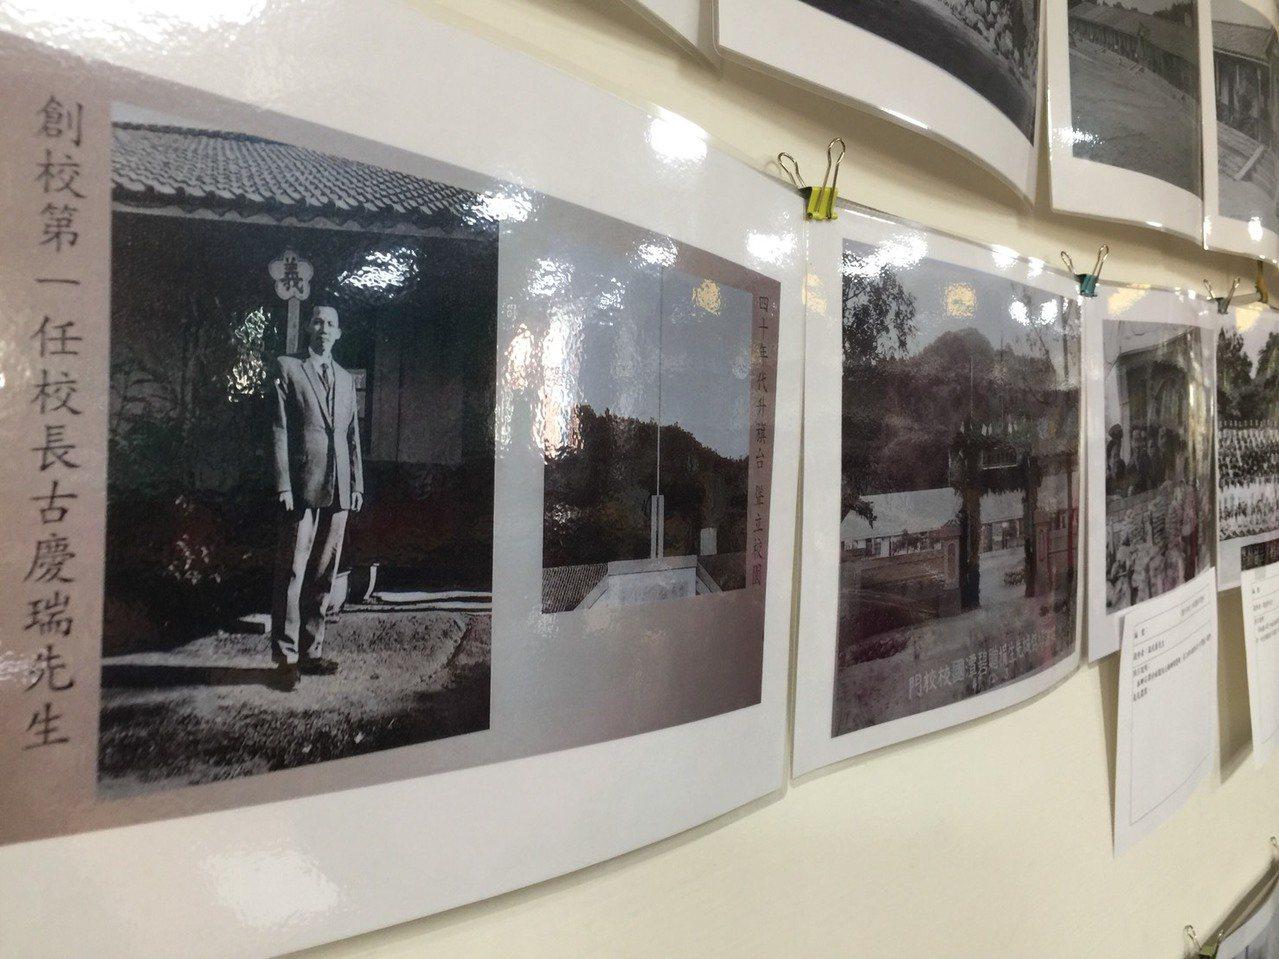 石潭國小創校第一任校長古慶瑞年輕的照片,他今天也到現場分享。記者郭政芬/攝影